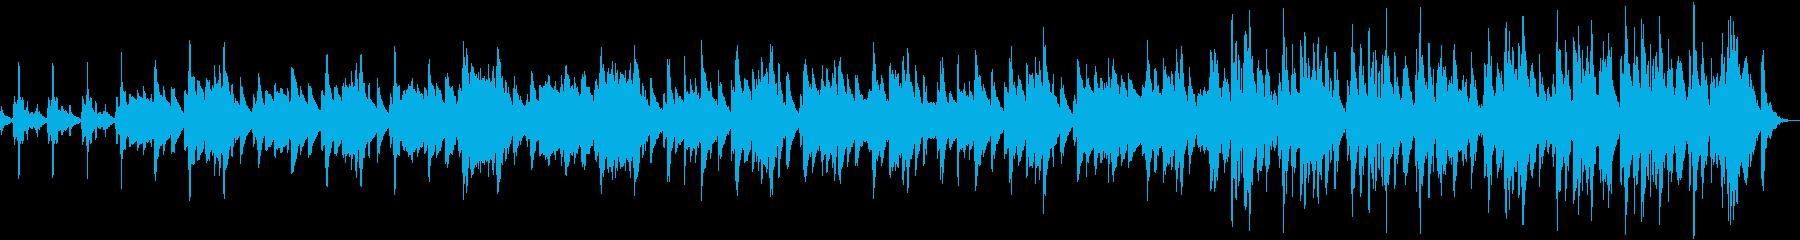 ビゼーのカルメン、ハバネラの妖しい編曲の再生済みの波形